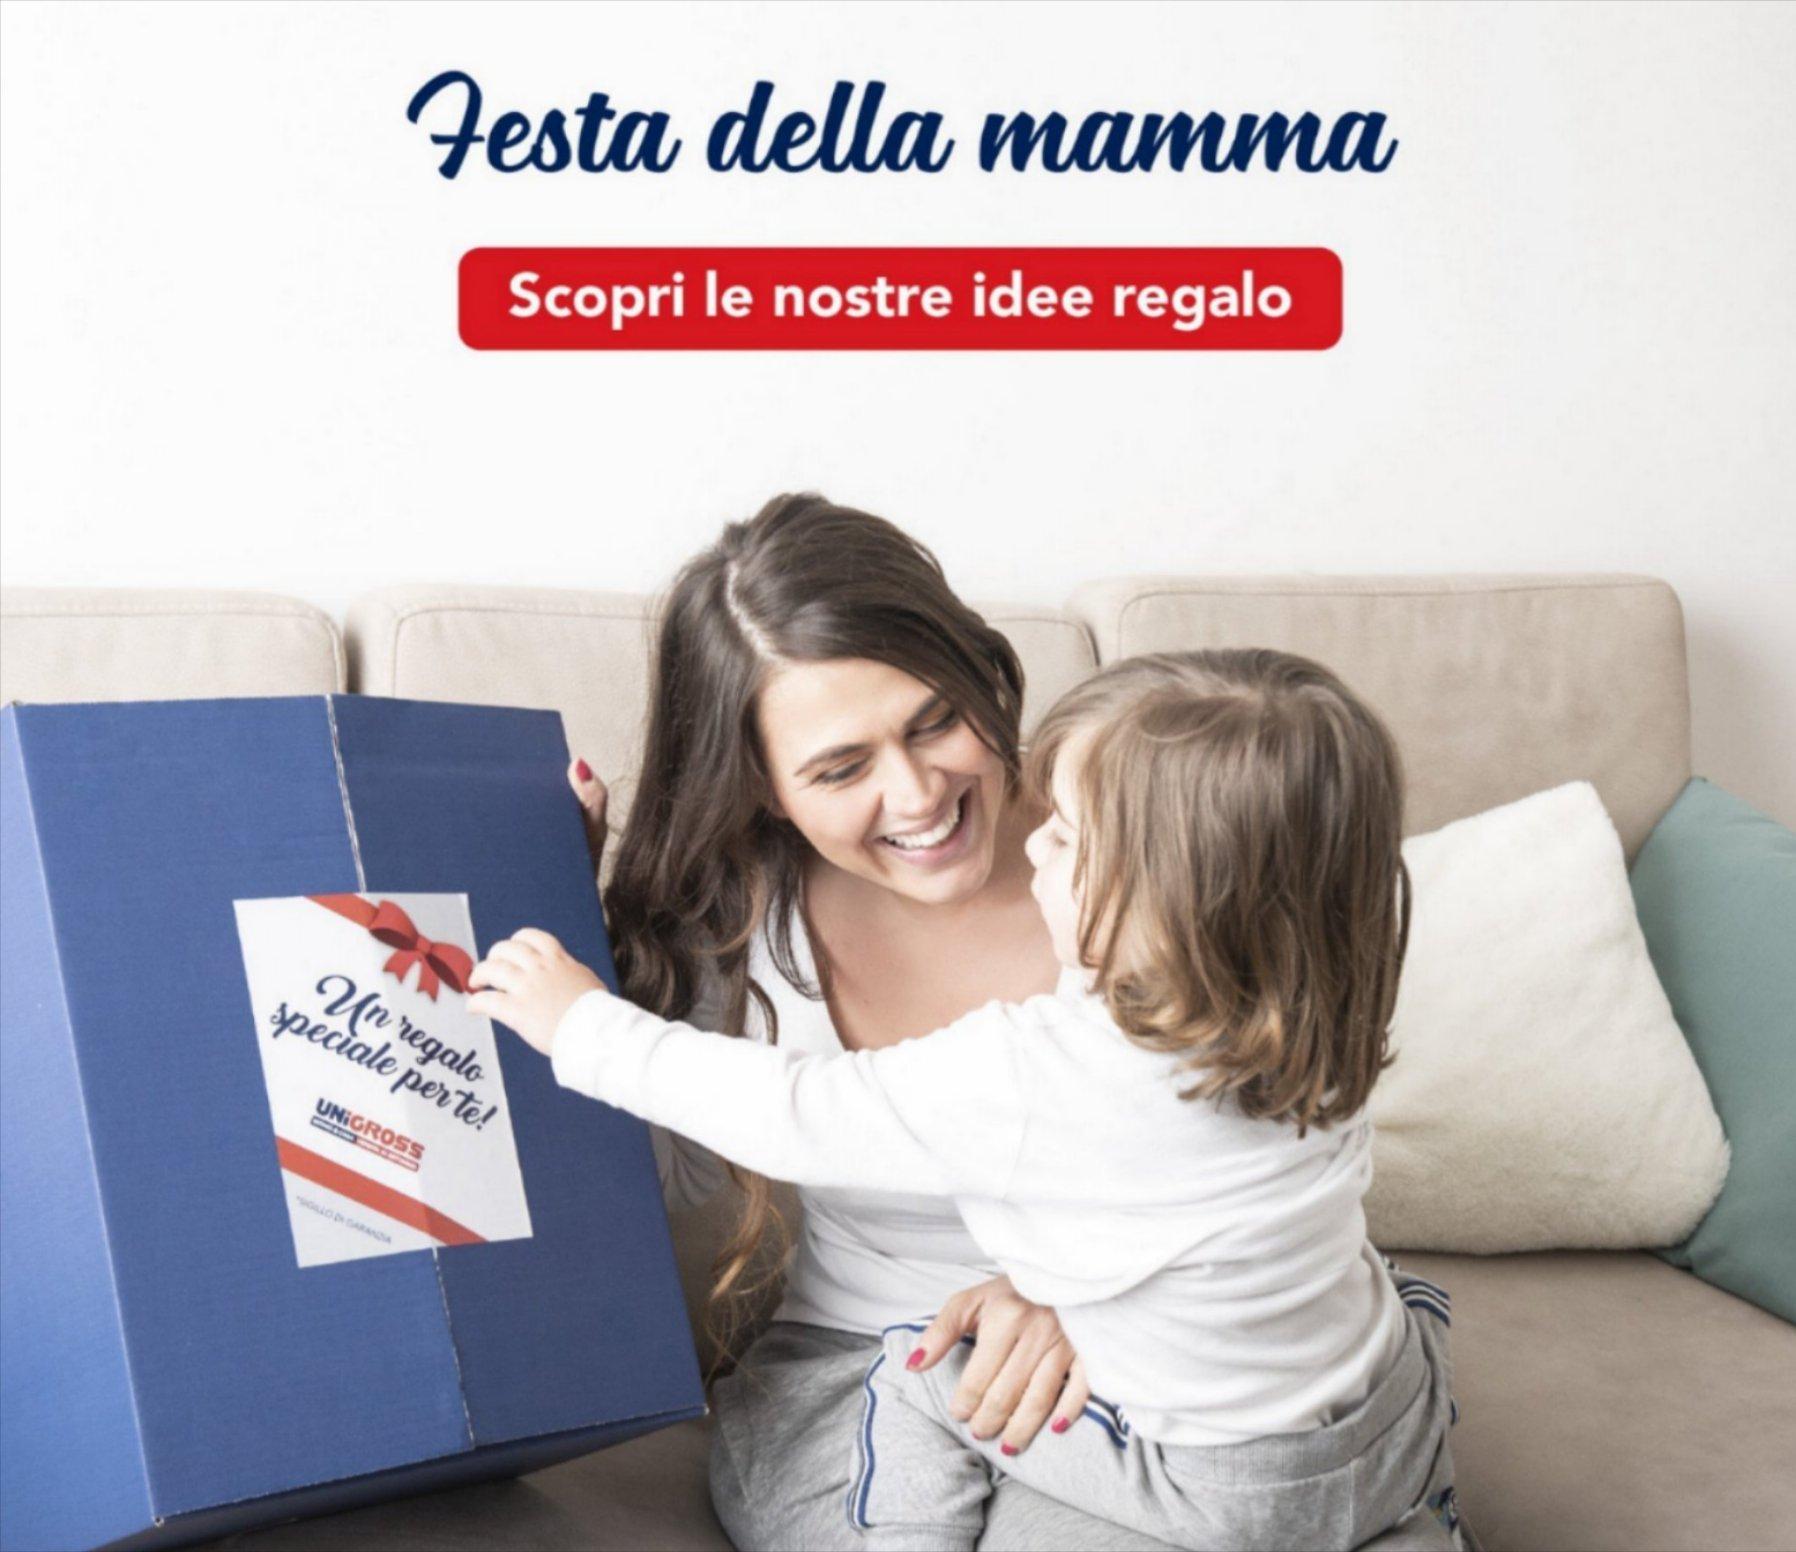 Promo FESTA della Mamma su UNIGROSS